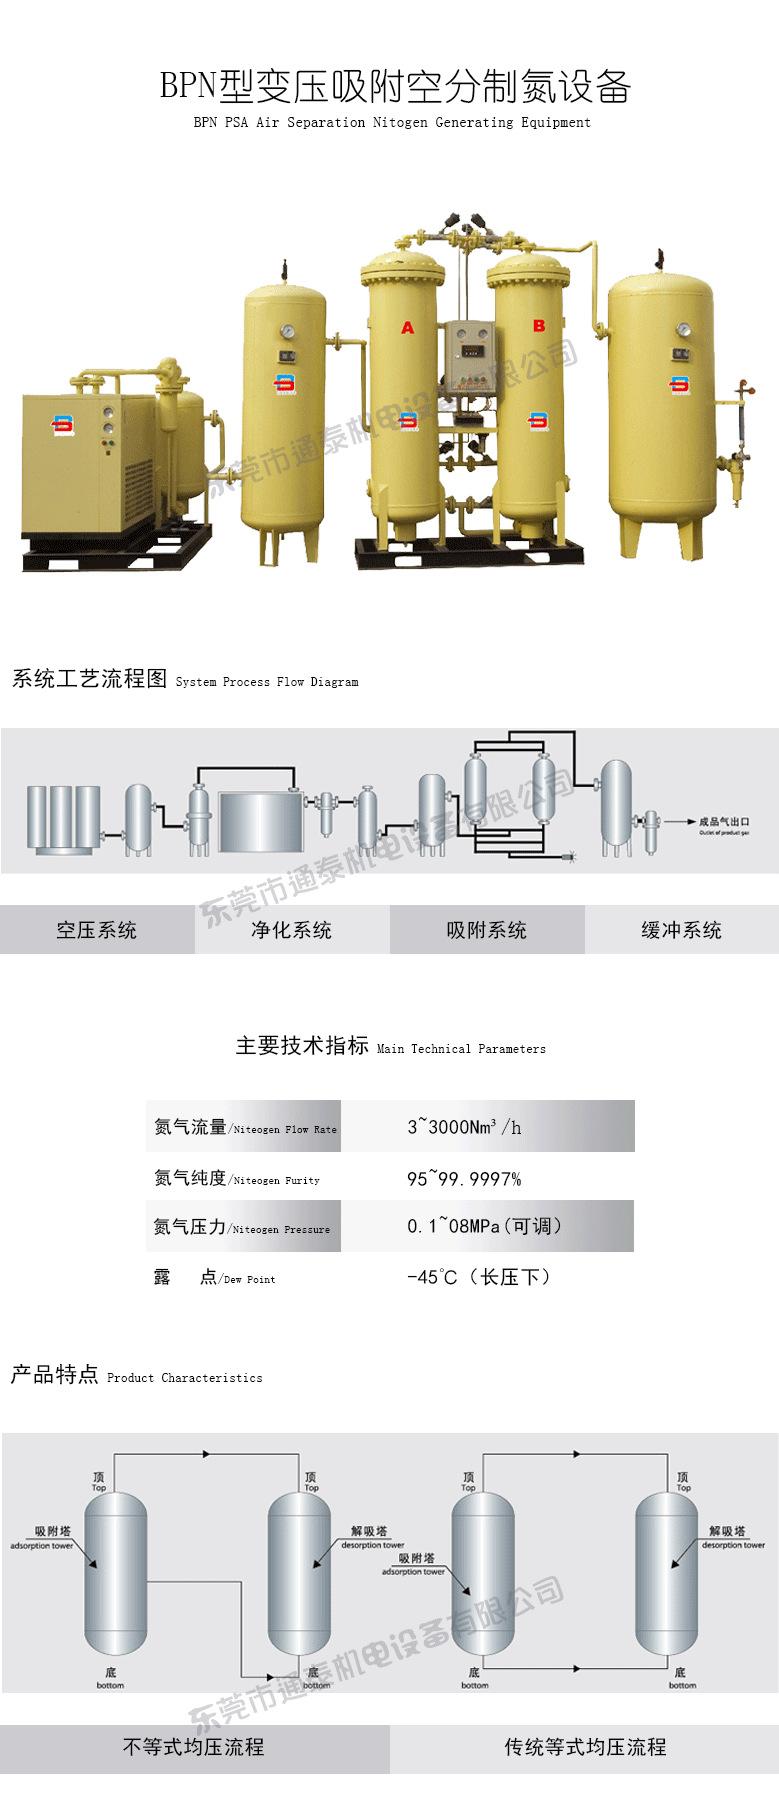 吸附空分制氮机设备安装图_特点_工艺流程图